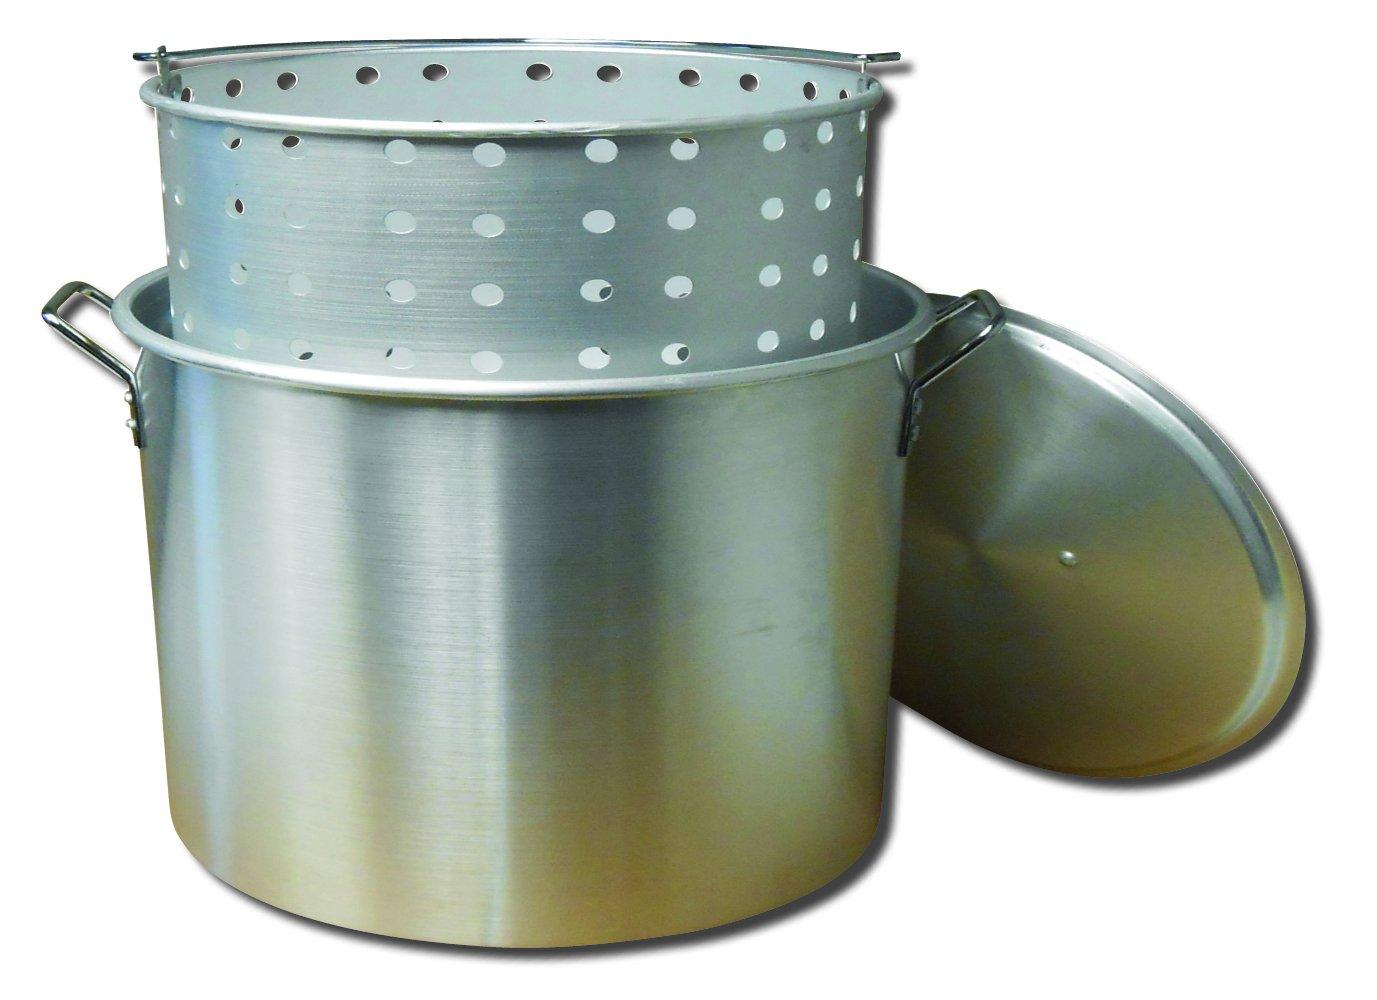 King Kooker KK32 32-Quart Aluminum Boiling Pot with Punched Basket by King Kooker